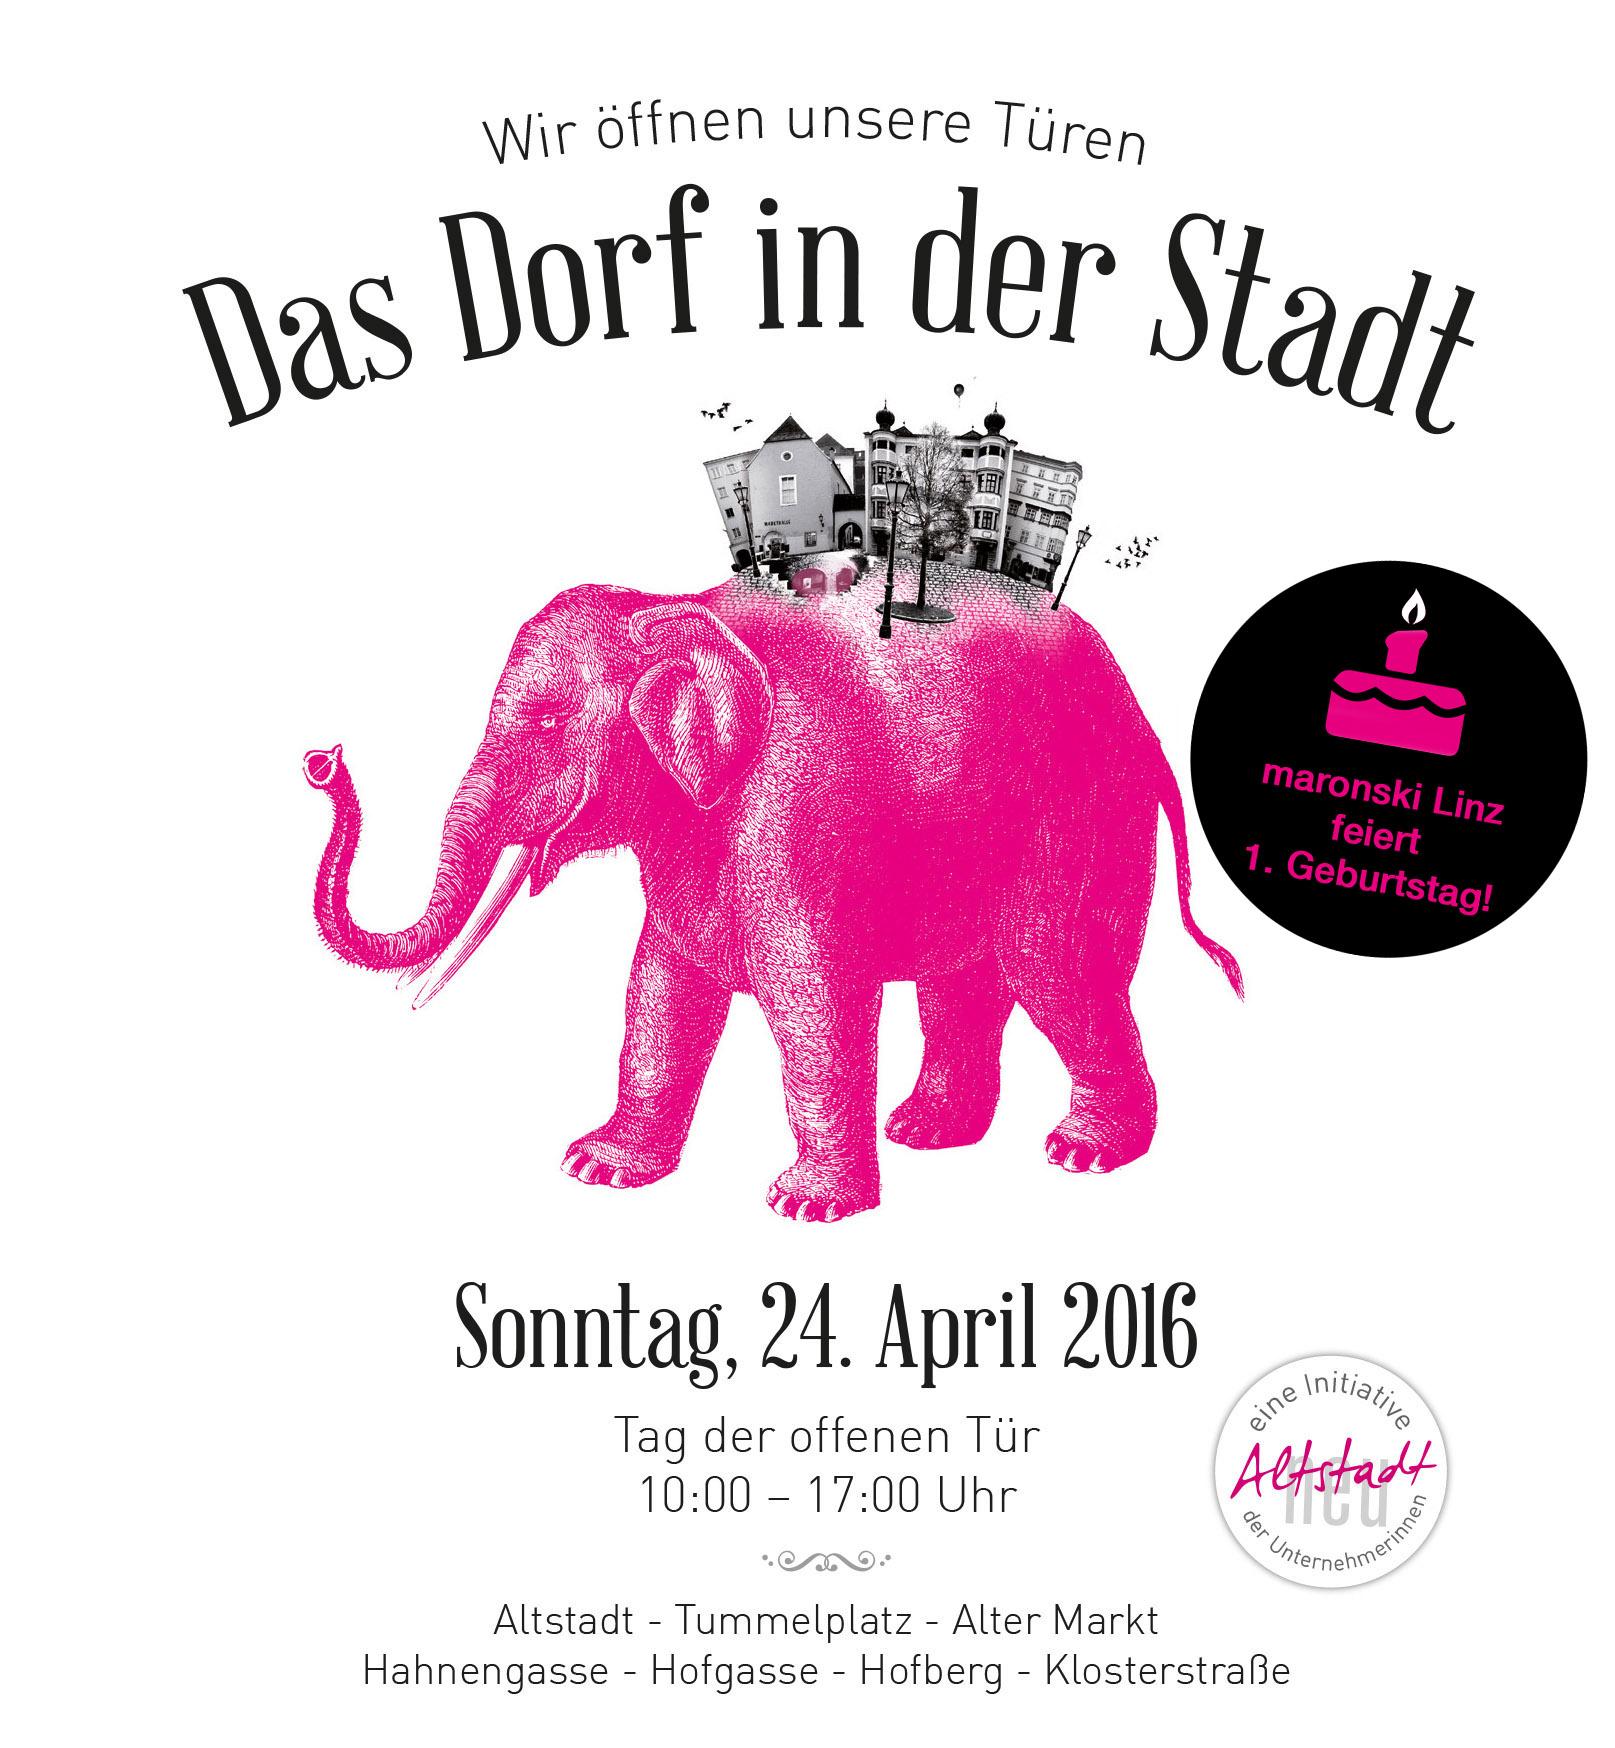 maronski Linz feiert 1. Geburtstag!  Tag der offenen Tür der Altstadt Linz